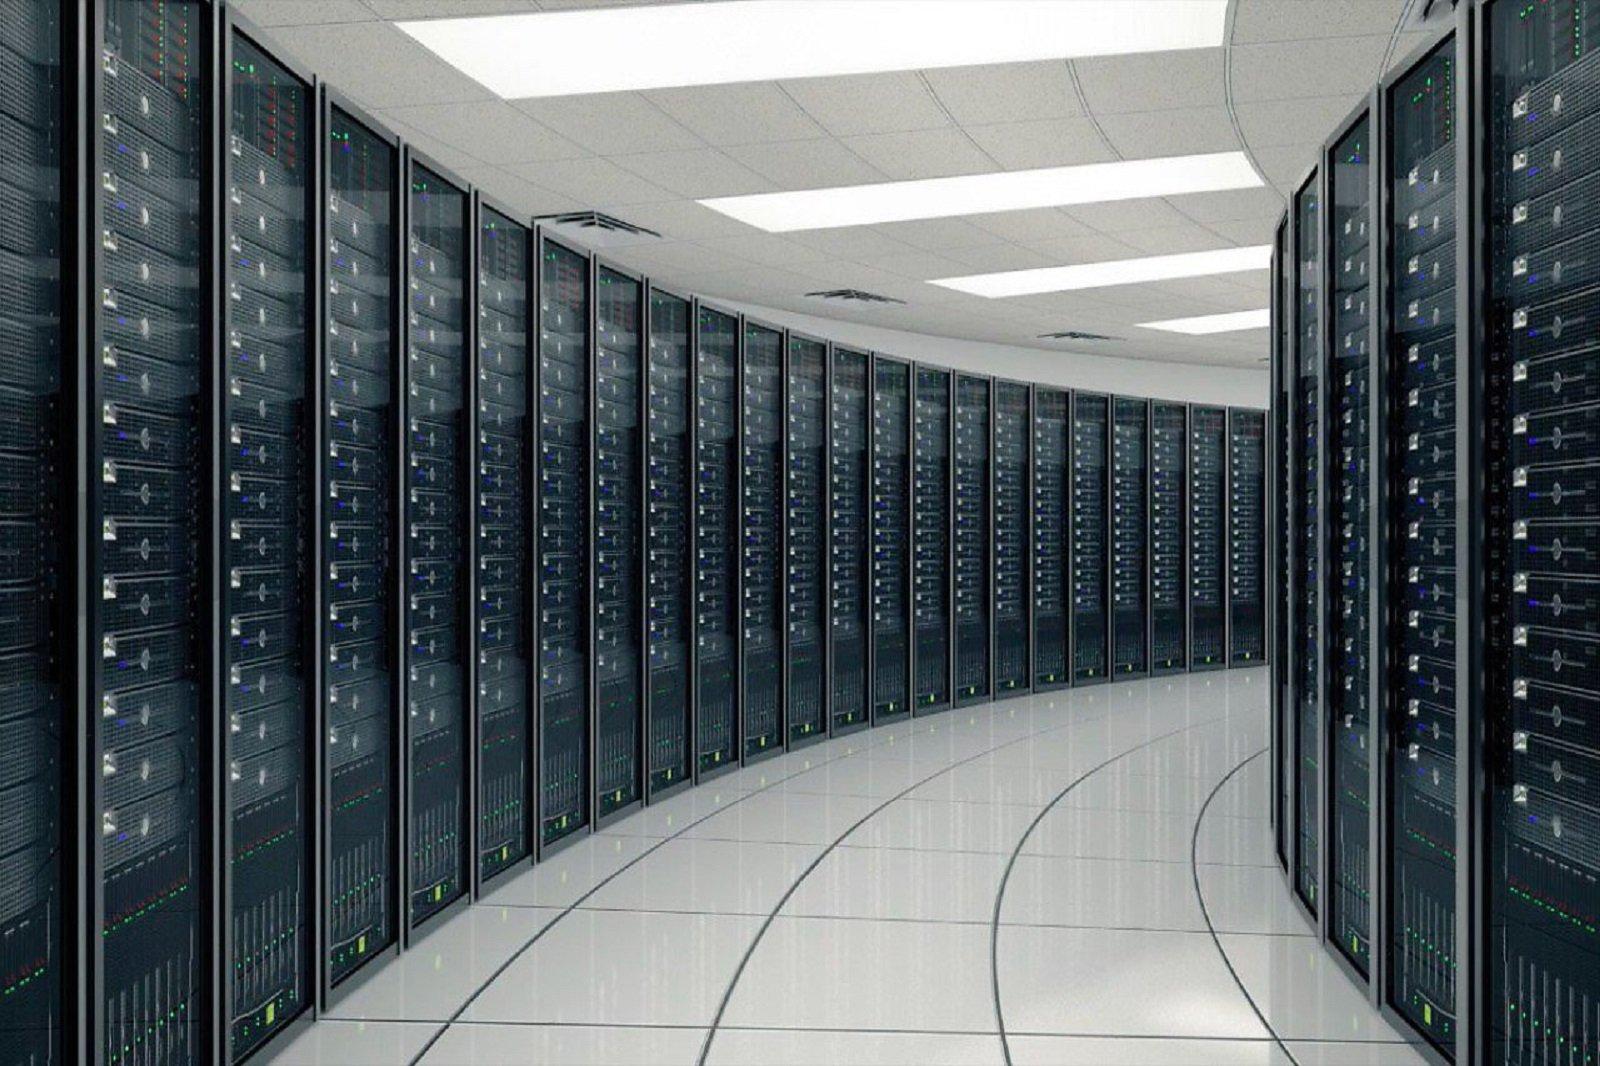 Обработка и хранение данных